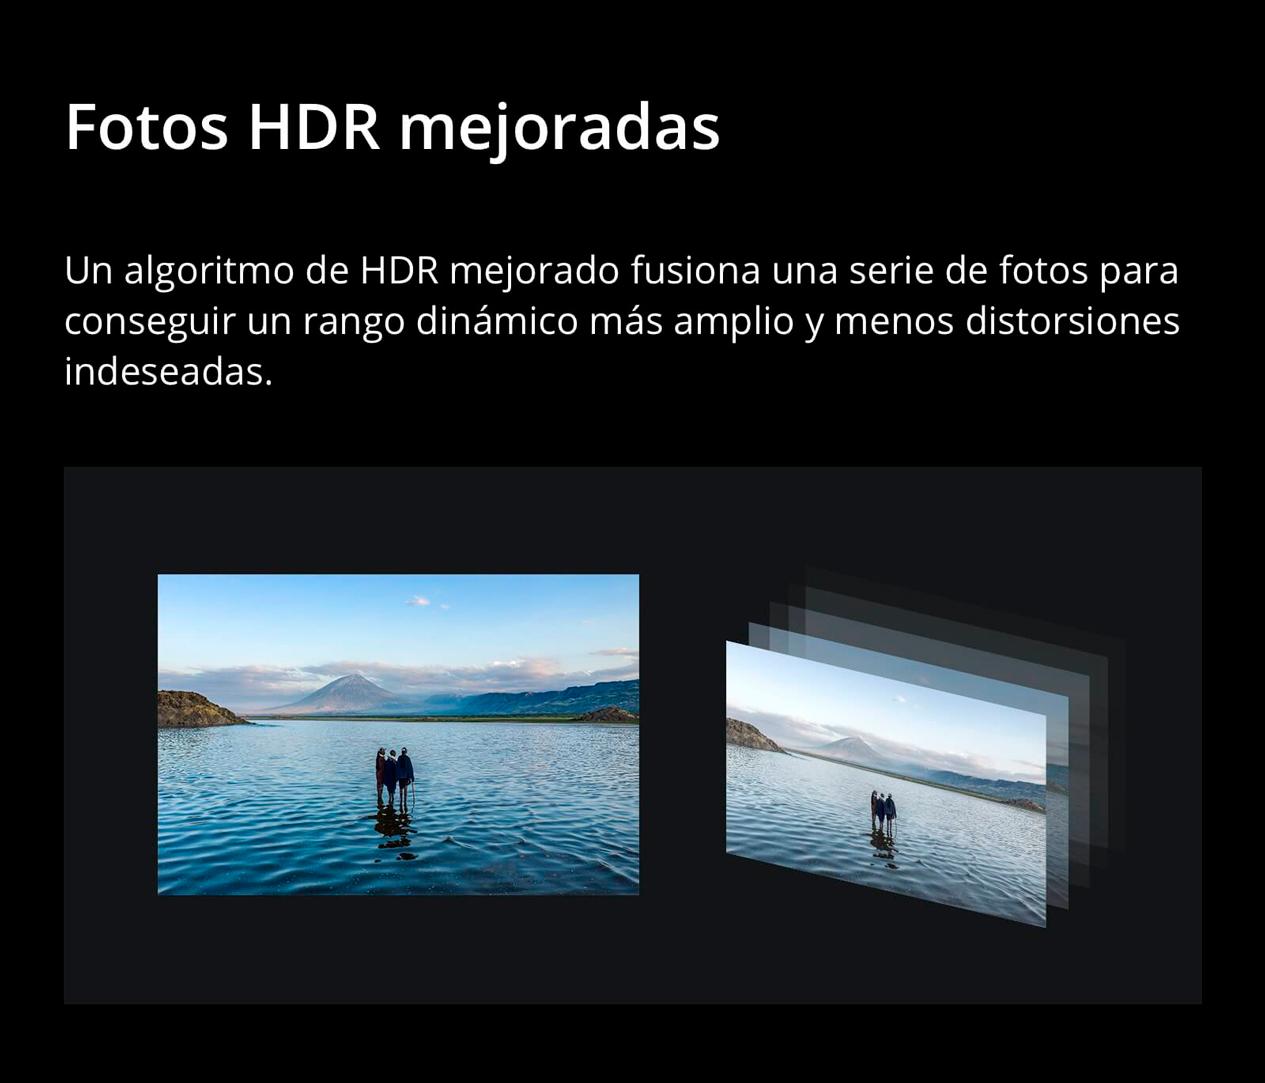 DJI MAVIC 2 PRO - Fotos HDR mejoradas